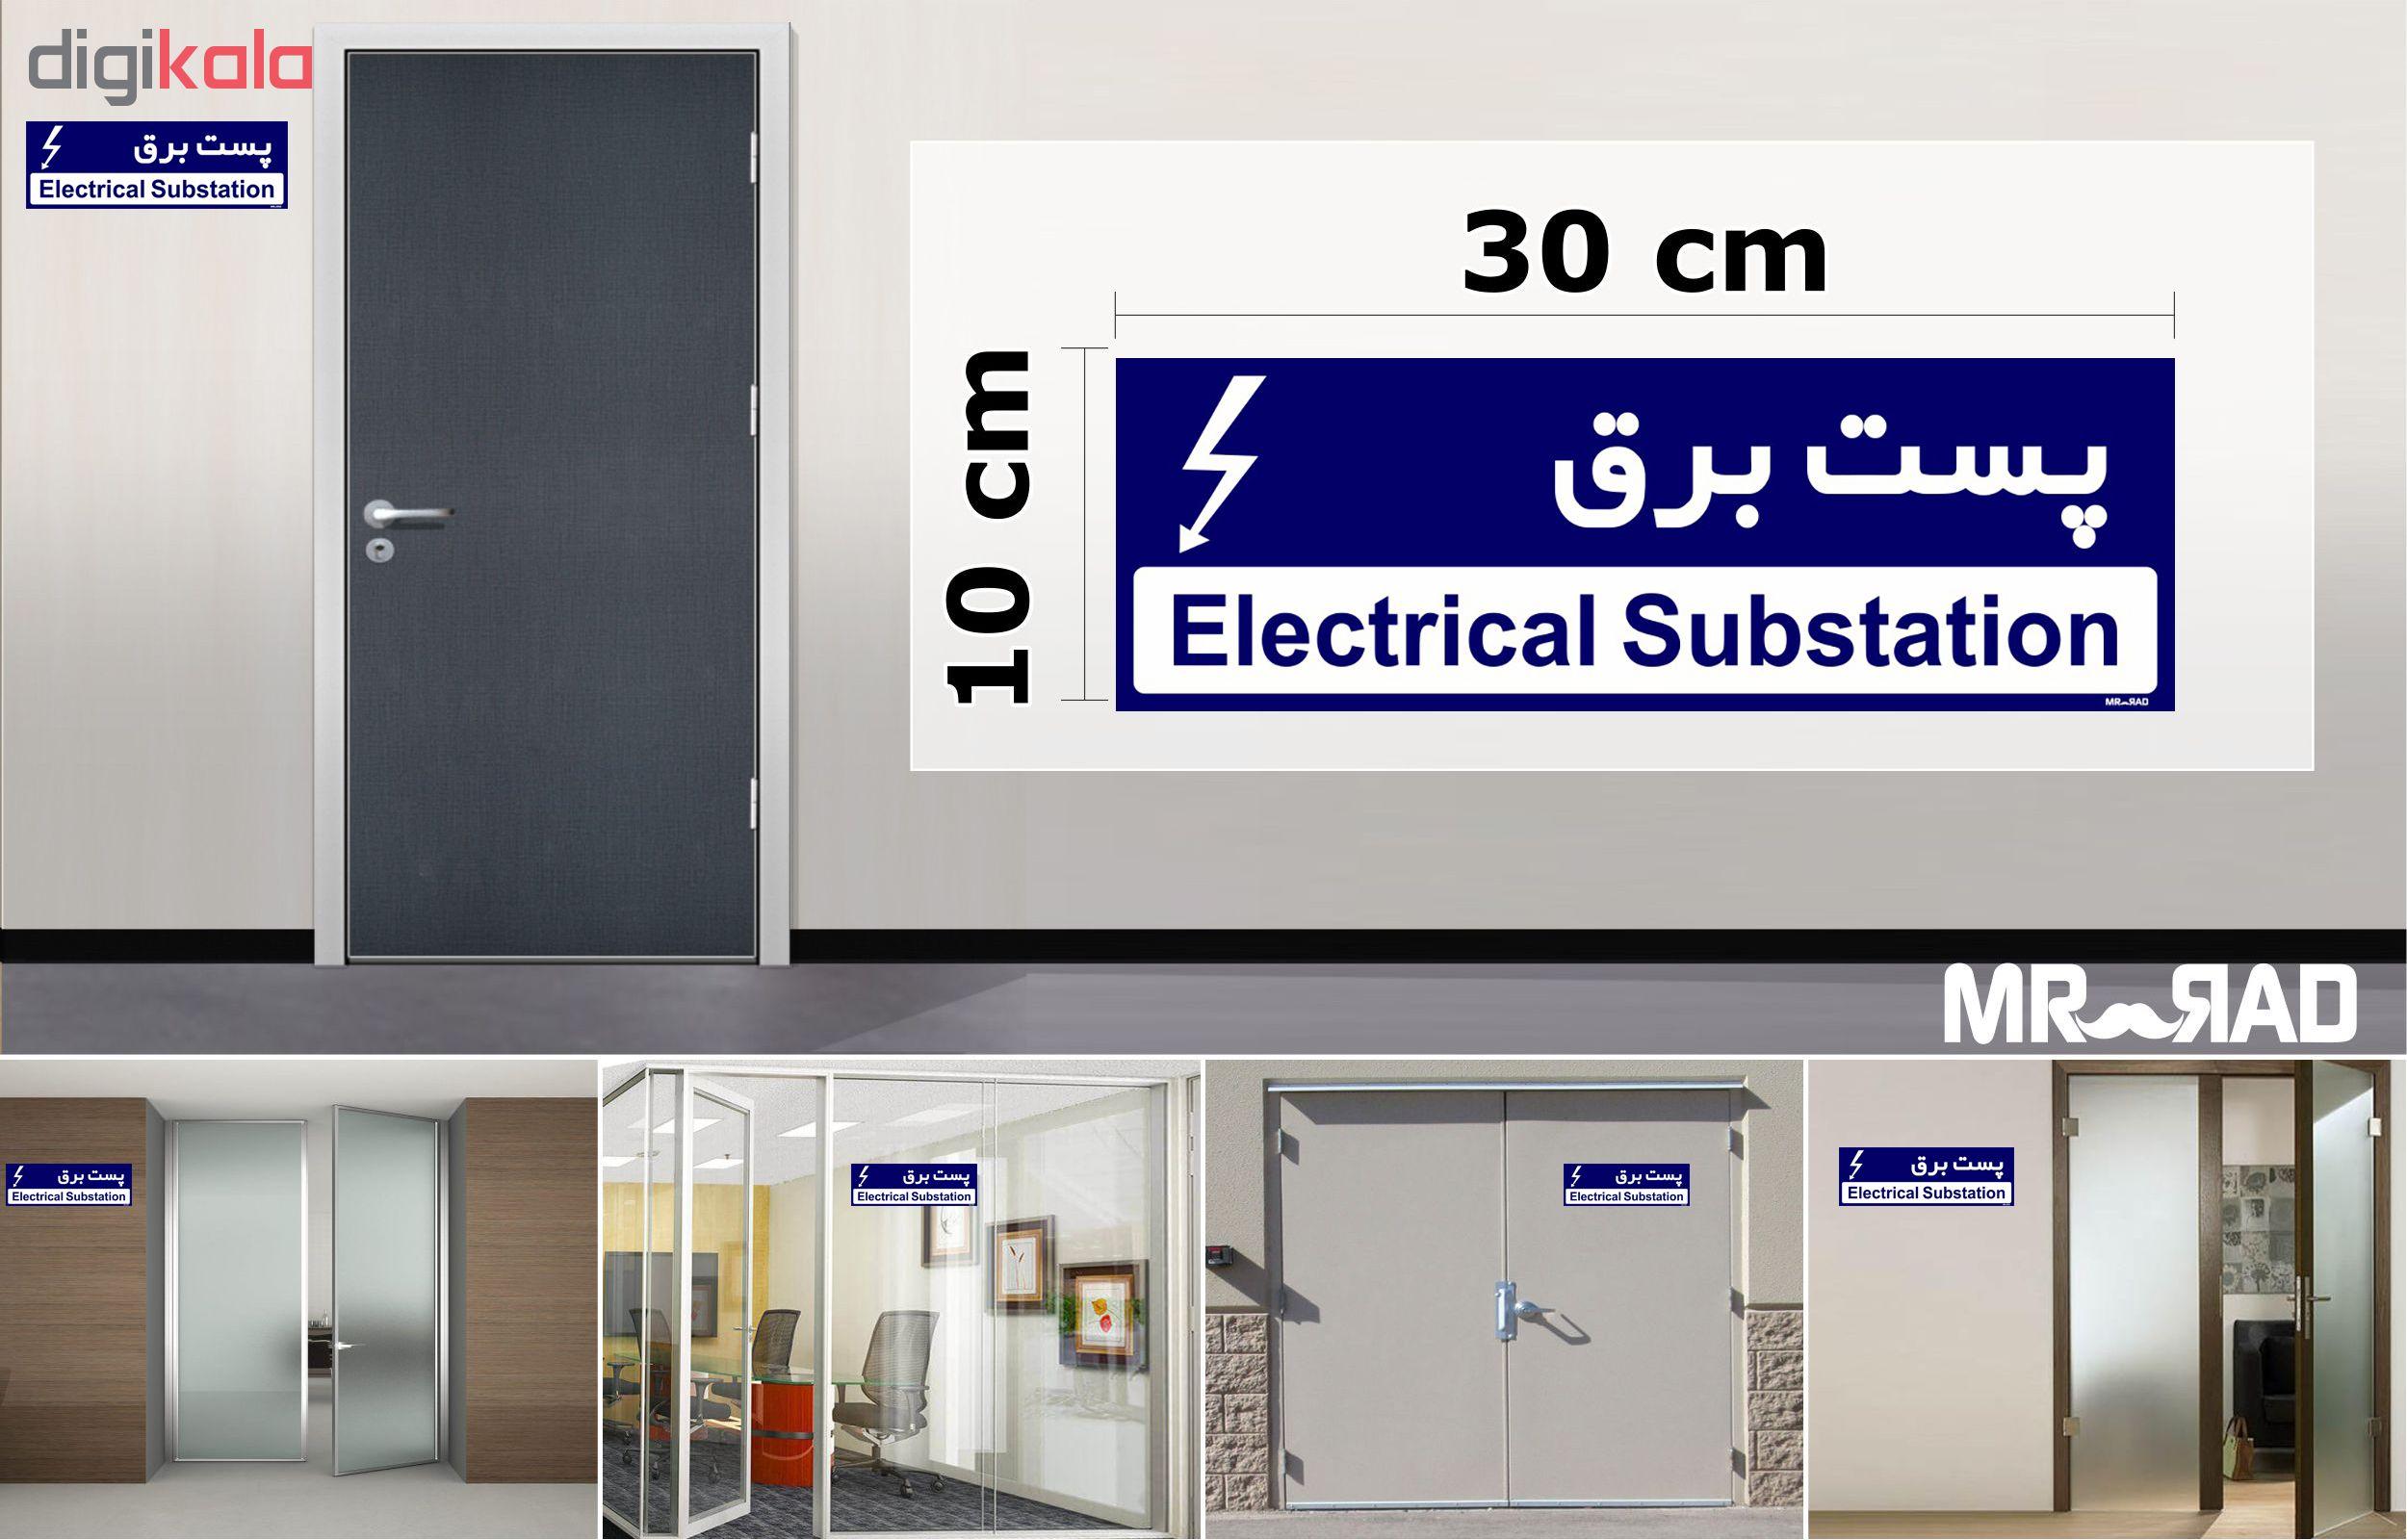 تابلو راهنمای اتاق  FG طرح پست برق کدTHO0370